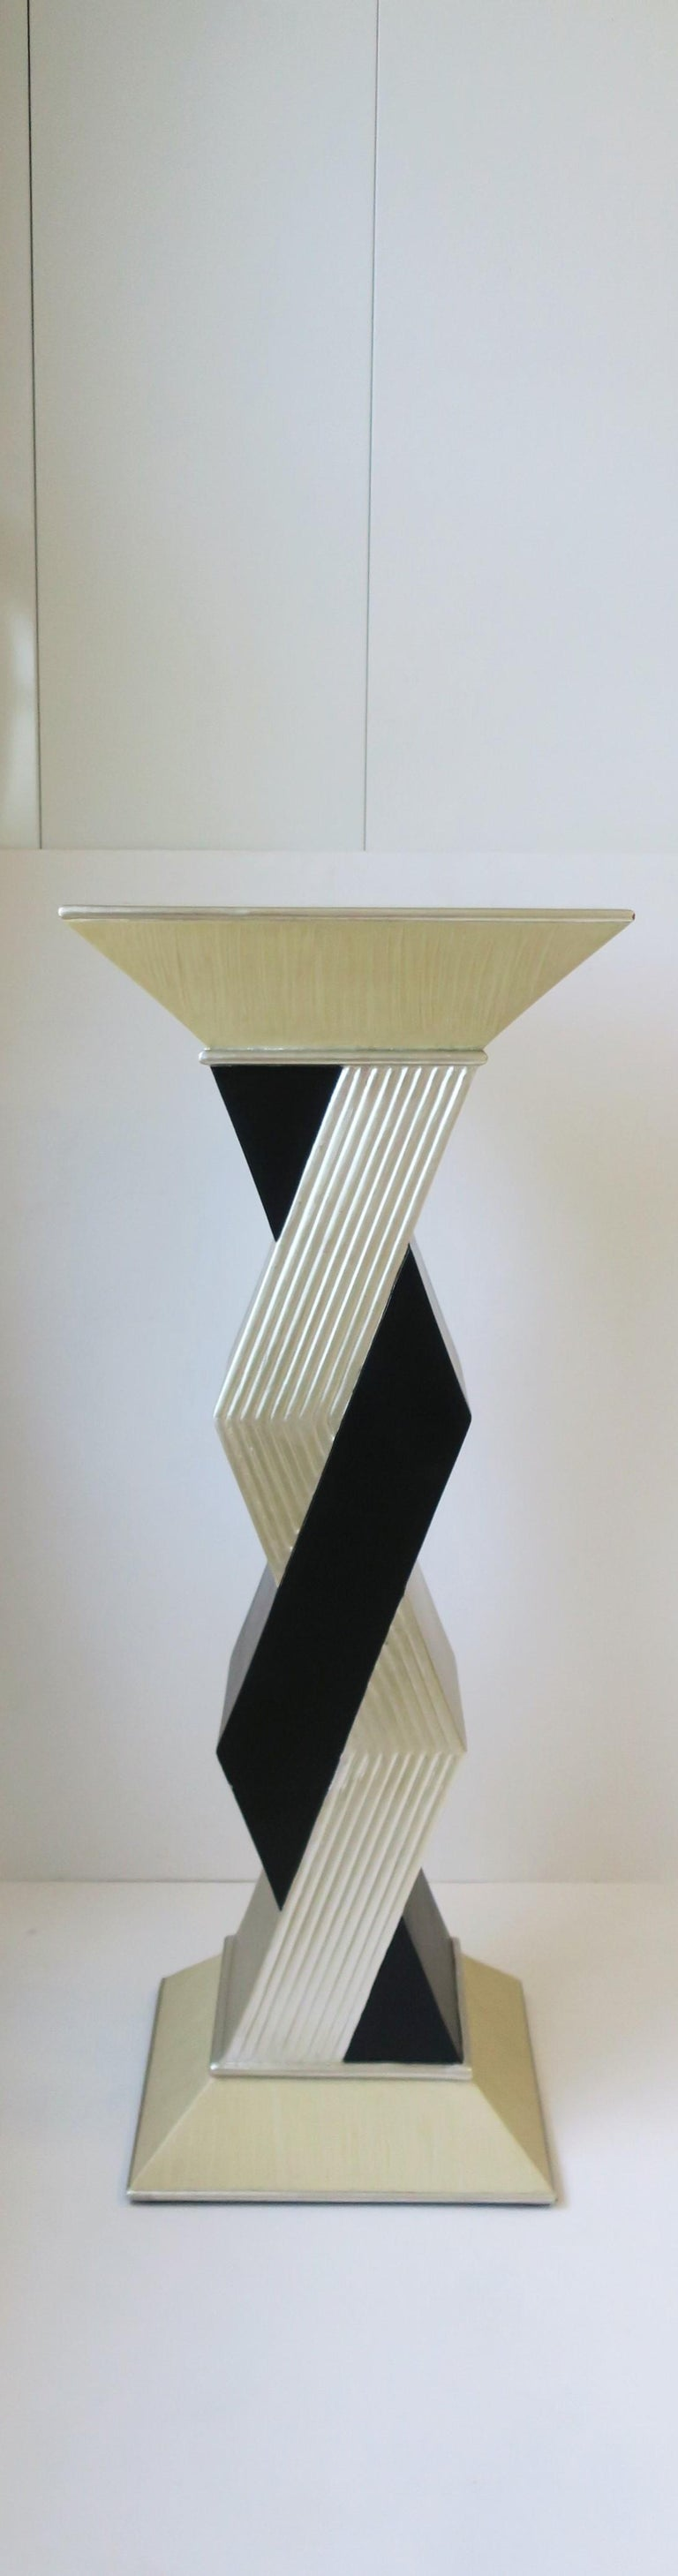 Post-Modern '90s Pedestal Column Pillar Stand For Sale